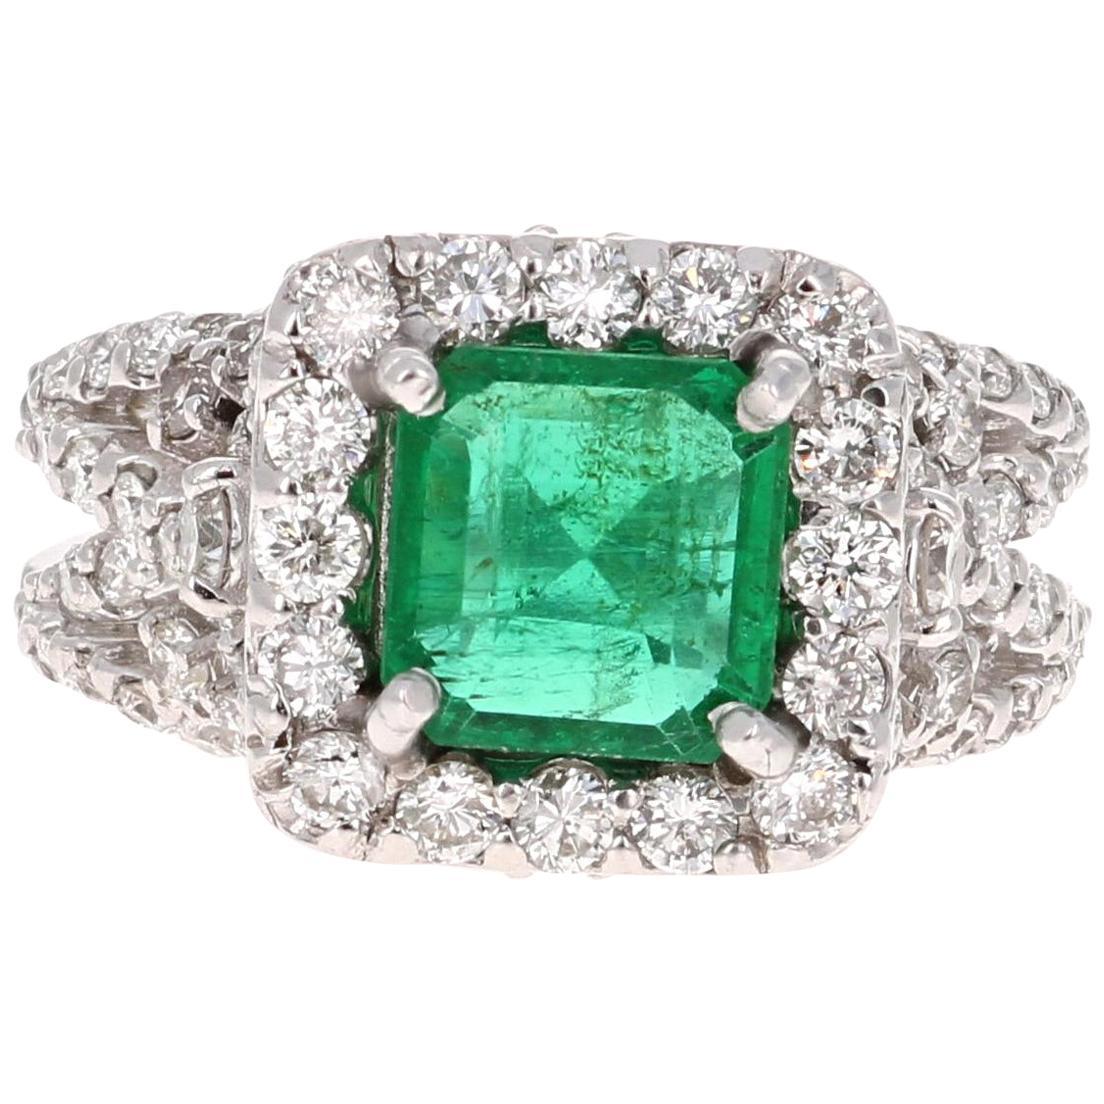 GIA Certified 3.54 Carat Emerald Diamond 14 Karat White Gold Engagement Ring